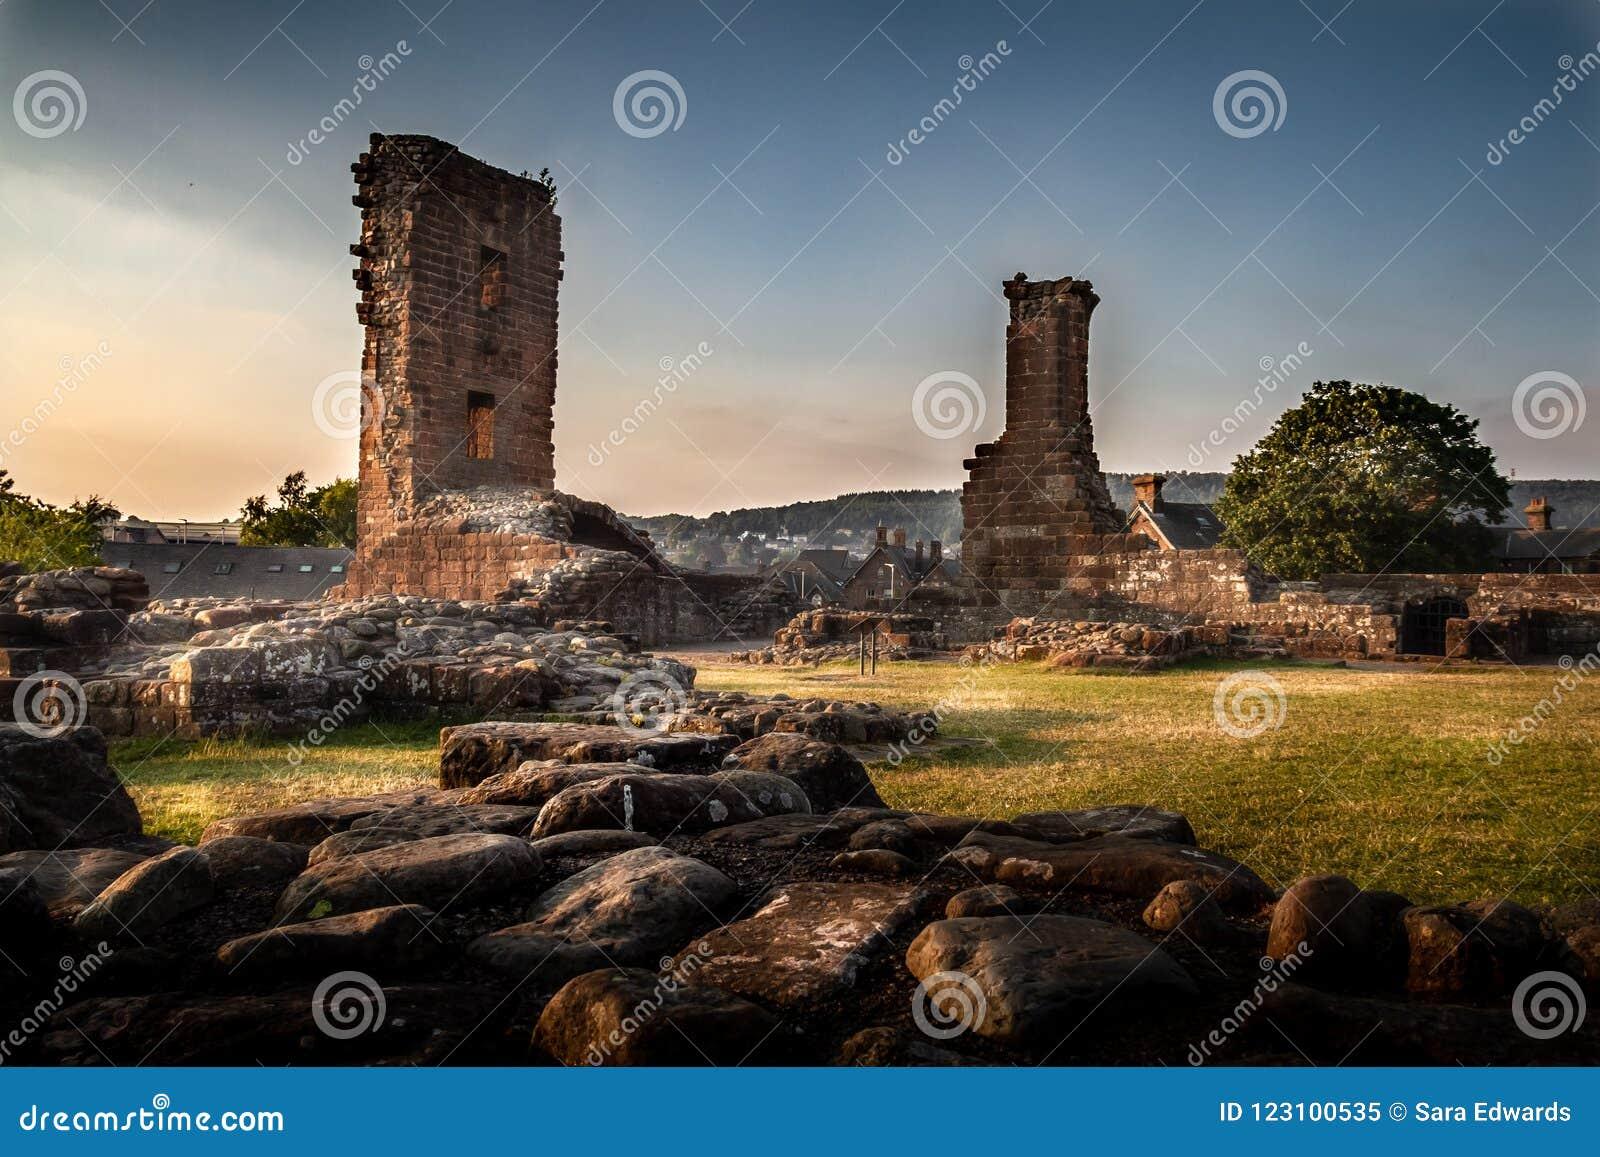 Vista cambiante y artística increíble de las ruinas del castillo de Penrith en la puesta del sol en Cumbria, Inglaterra